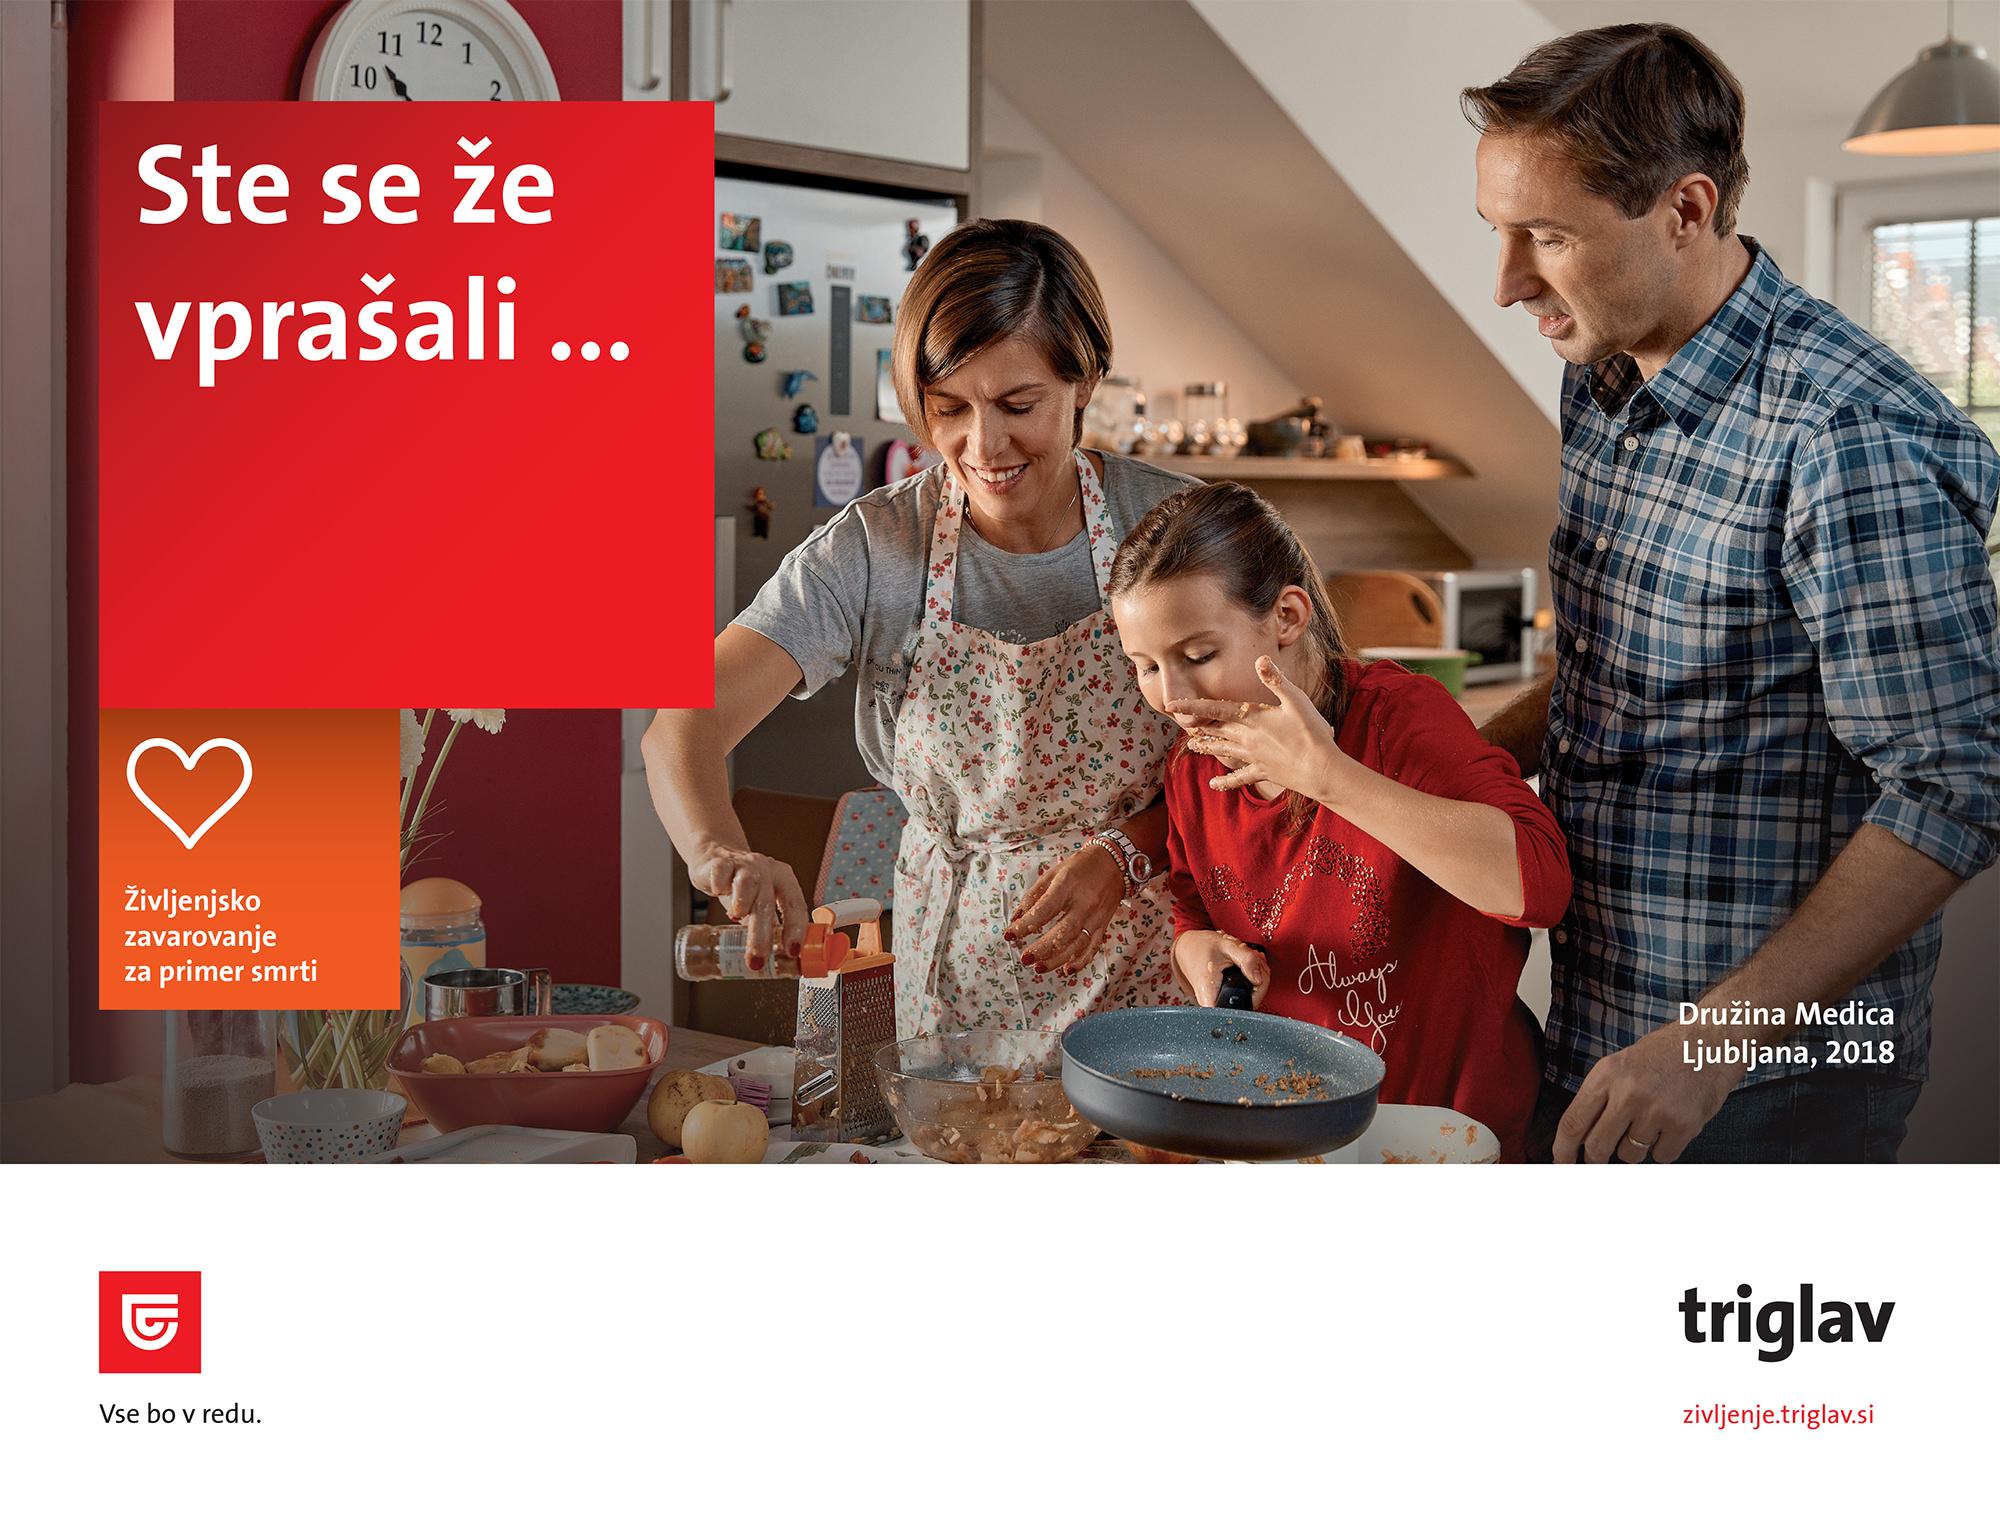 triglav-2019-billboard_zivljenje_druzina-medica.jpg